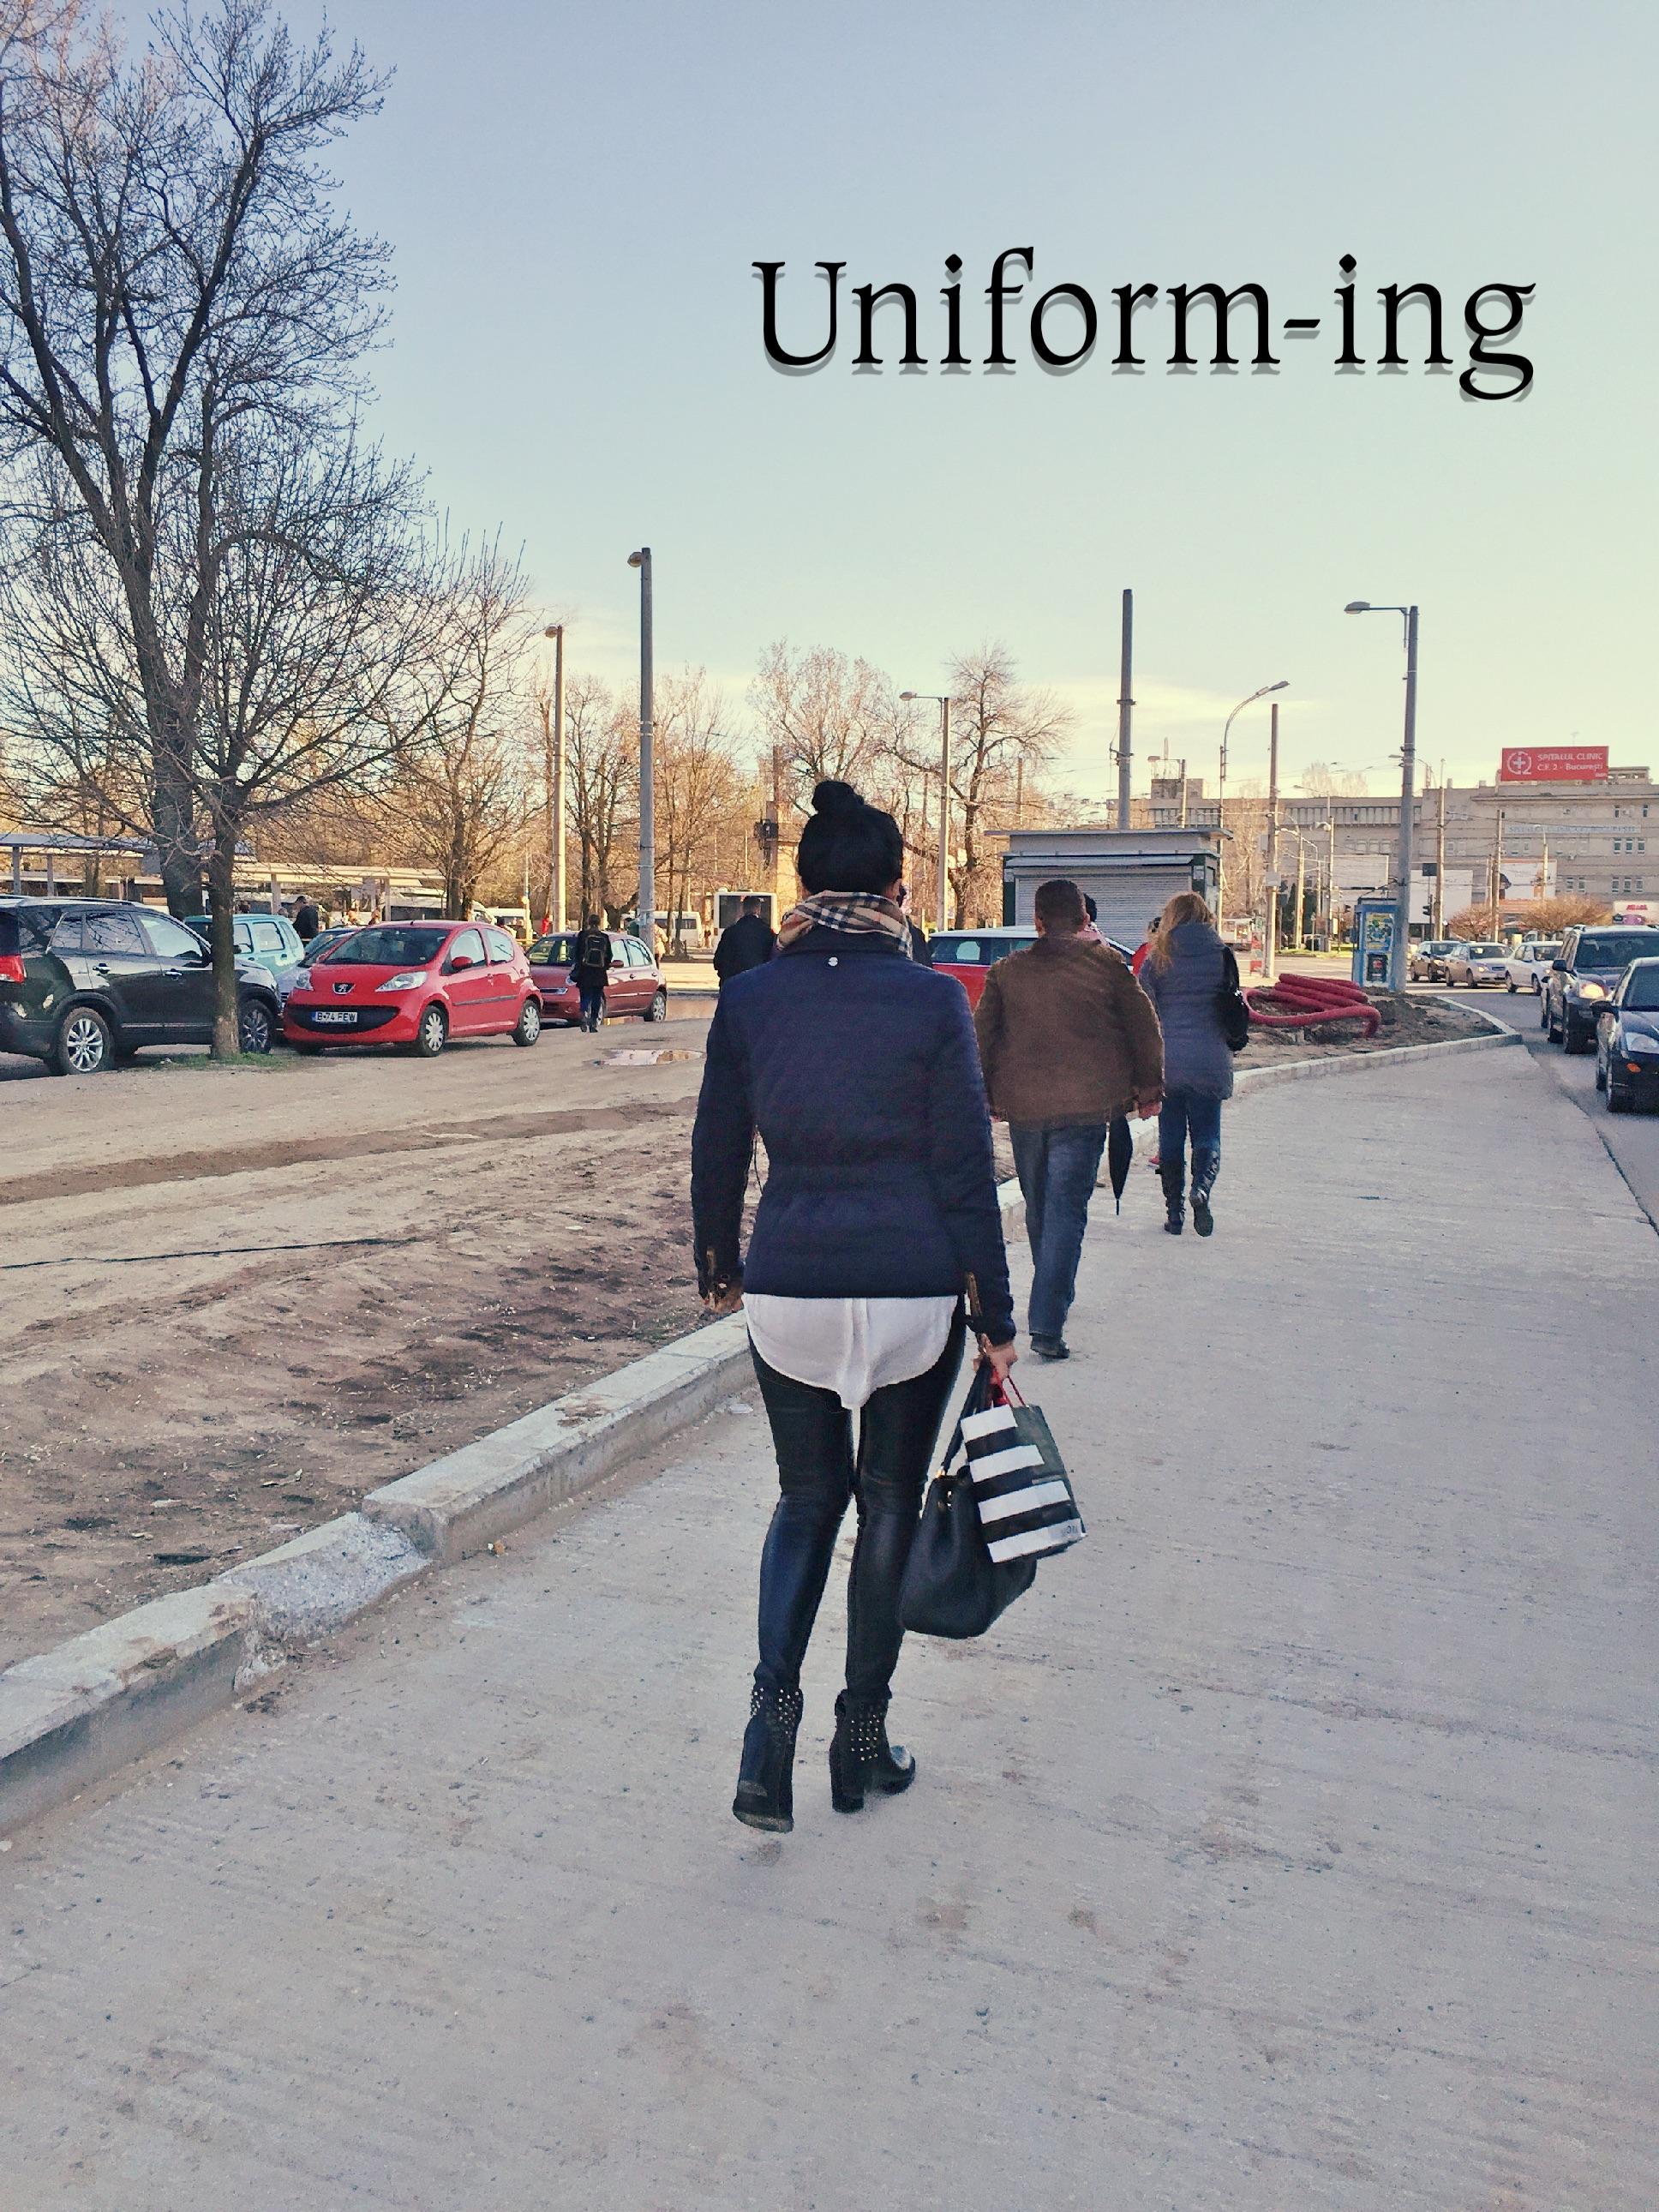 Uniform-ing